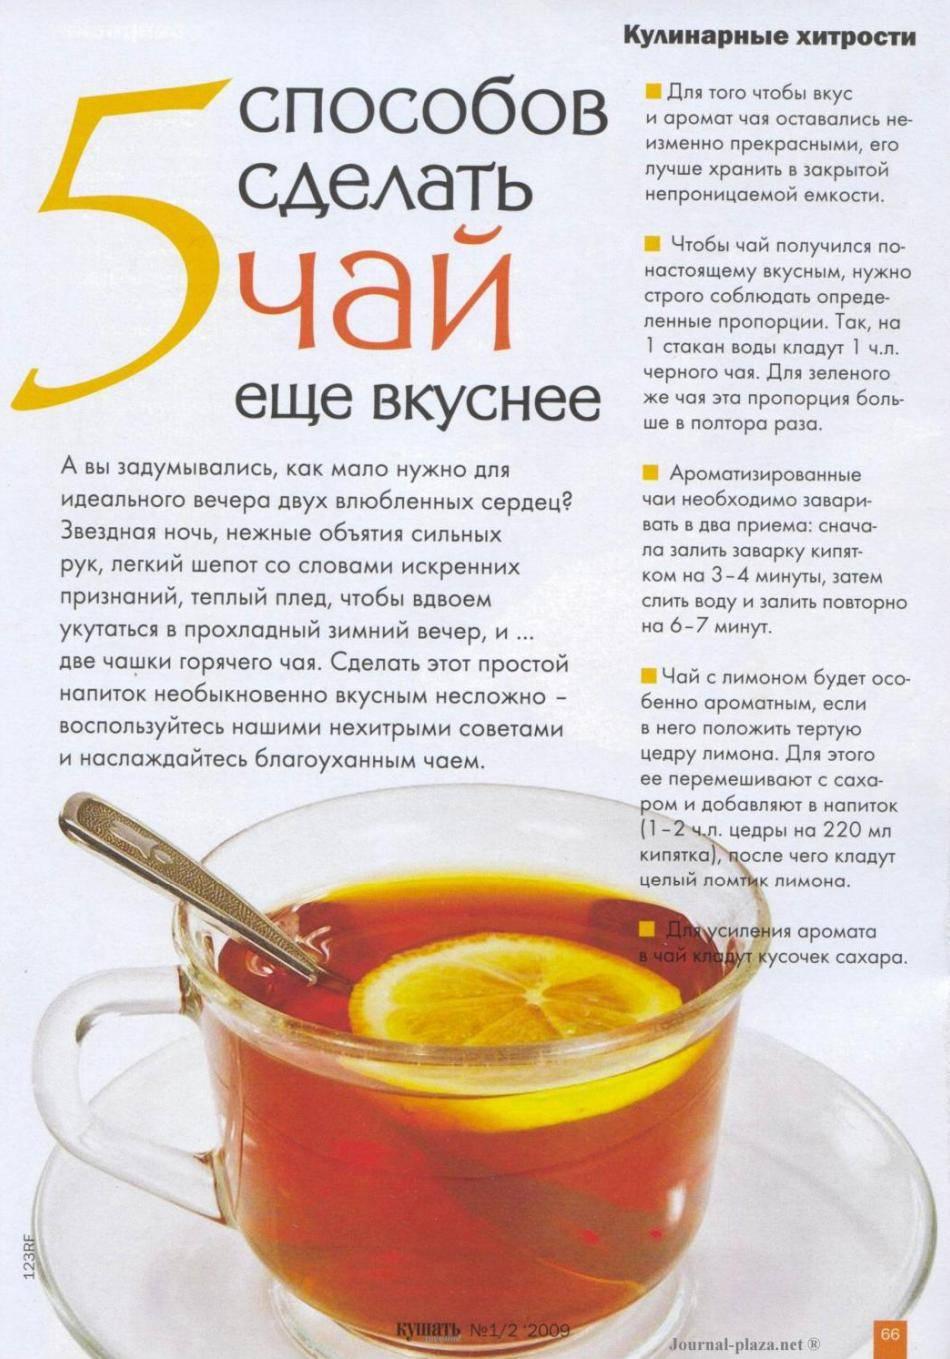 Чай с имбирем и лимоном, молоком, куркумой, мятой: польза и вред, как заваривать